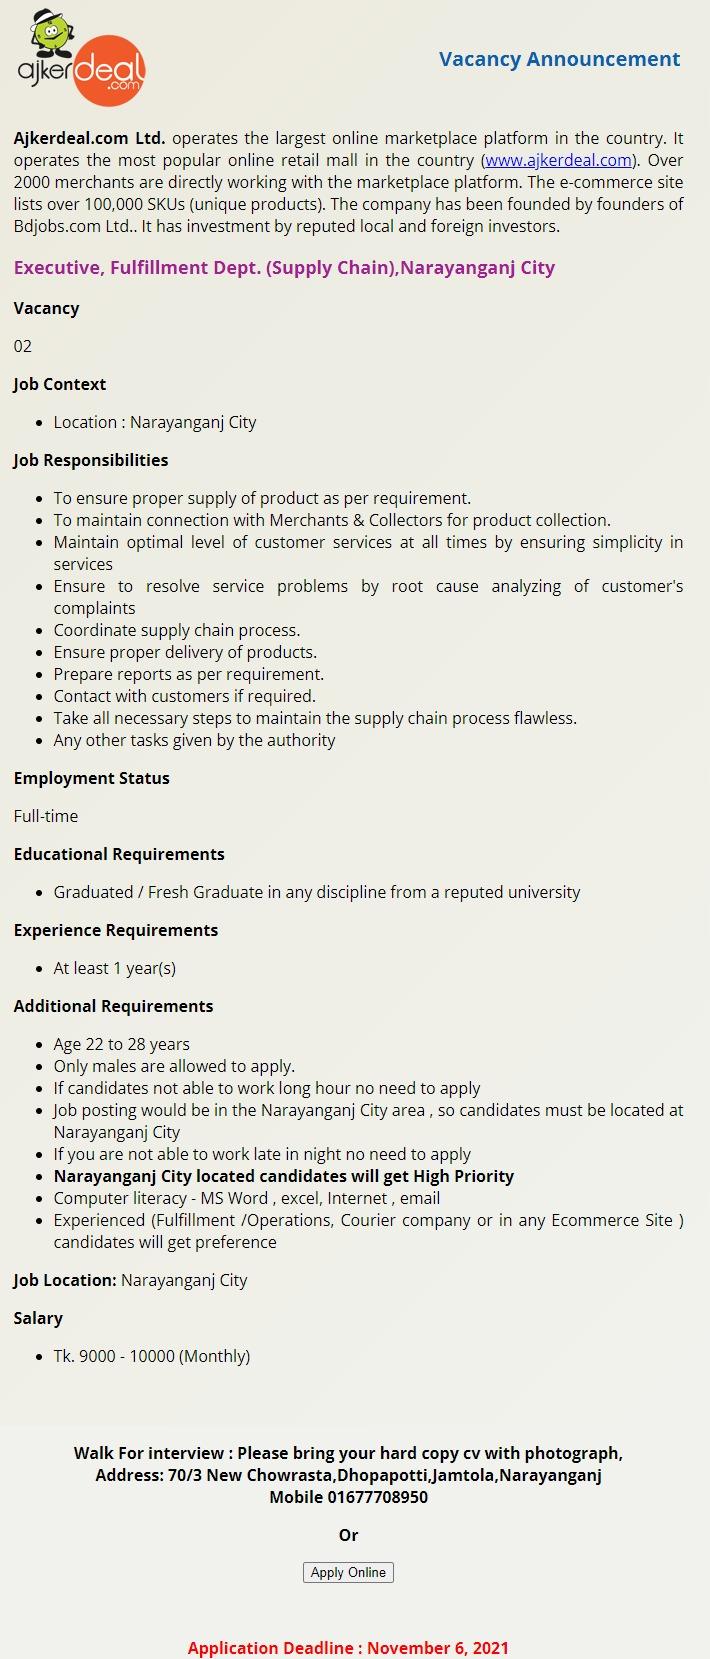 বেসরকারি কোম্পানির চাকরির খবর - Private Company Job News 2021 - বেসরকারি কোম্পানির চাকরির খবর ২০২১ - Private Company Job News 2021 - বেসরকারি কোম্পানির চাকরির খবর ২০২২ - Private Company Job News 2022